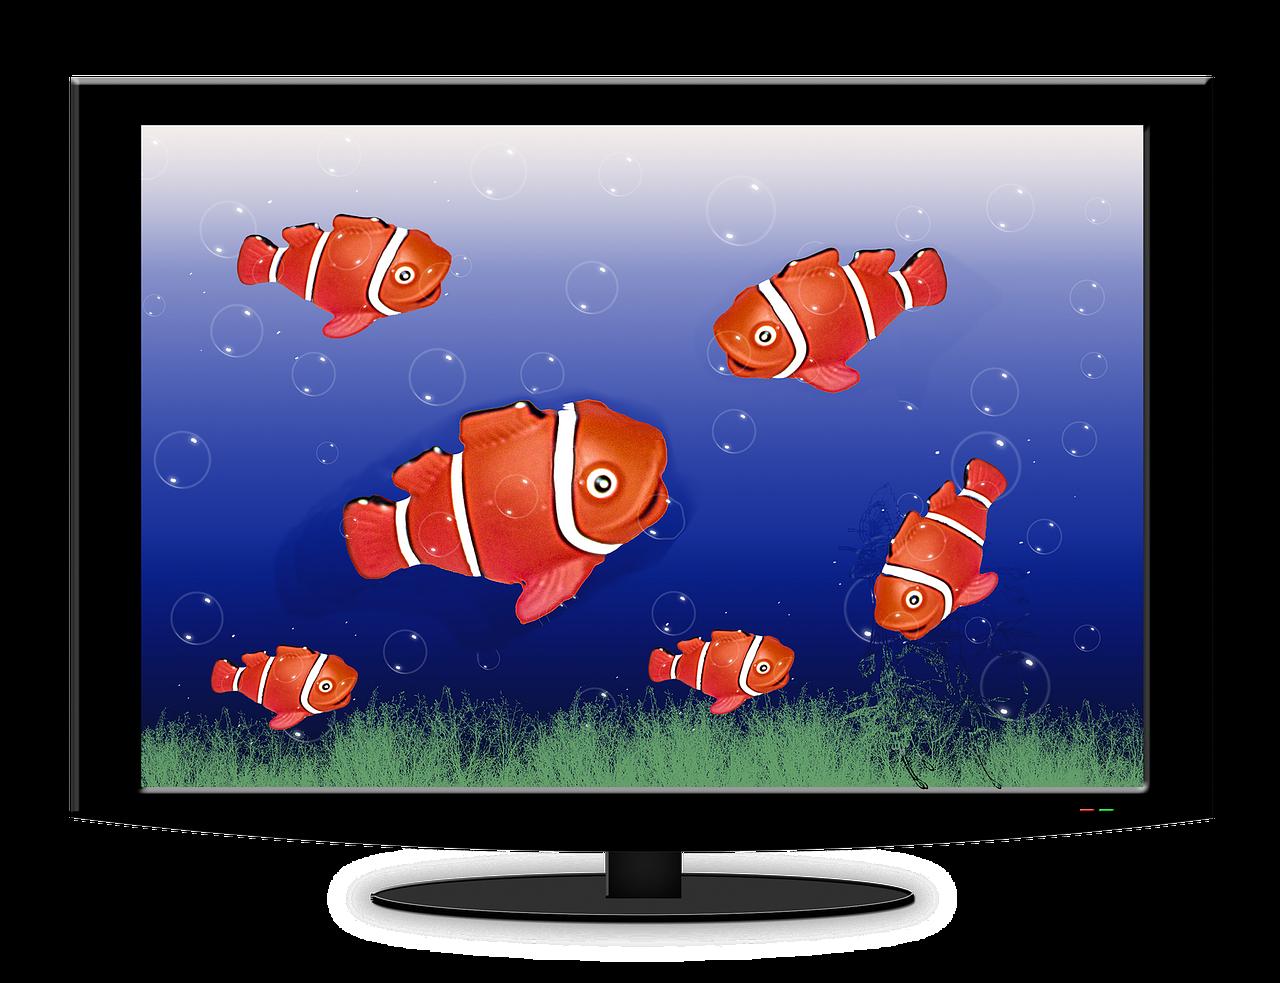 激安4Kテレビを買う時の注意点や正規メーカー品との違い